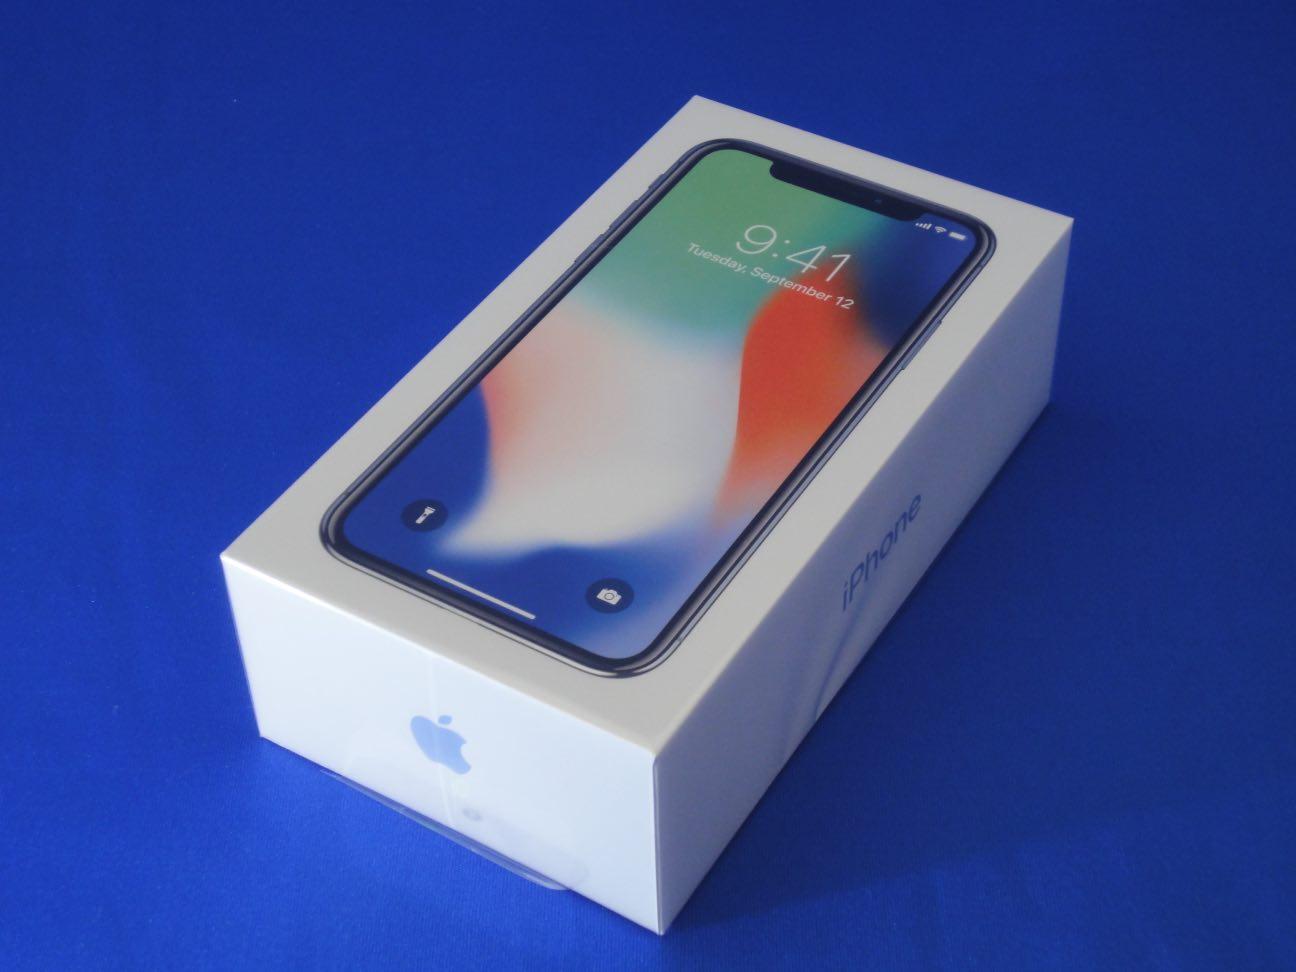 SIMフリー版iPhoneX256GB開封の儀!まずは外観のレビューから